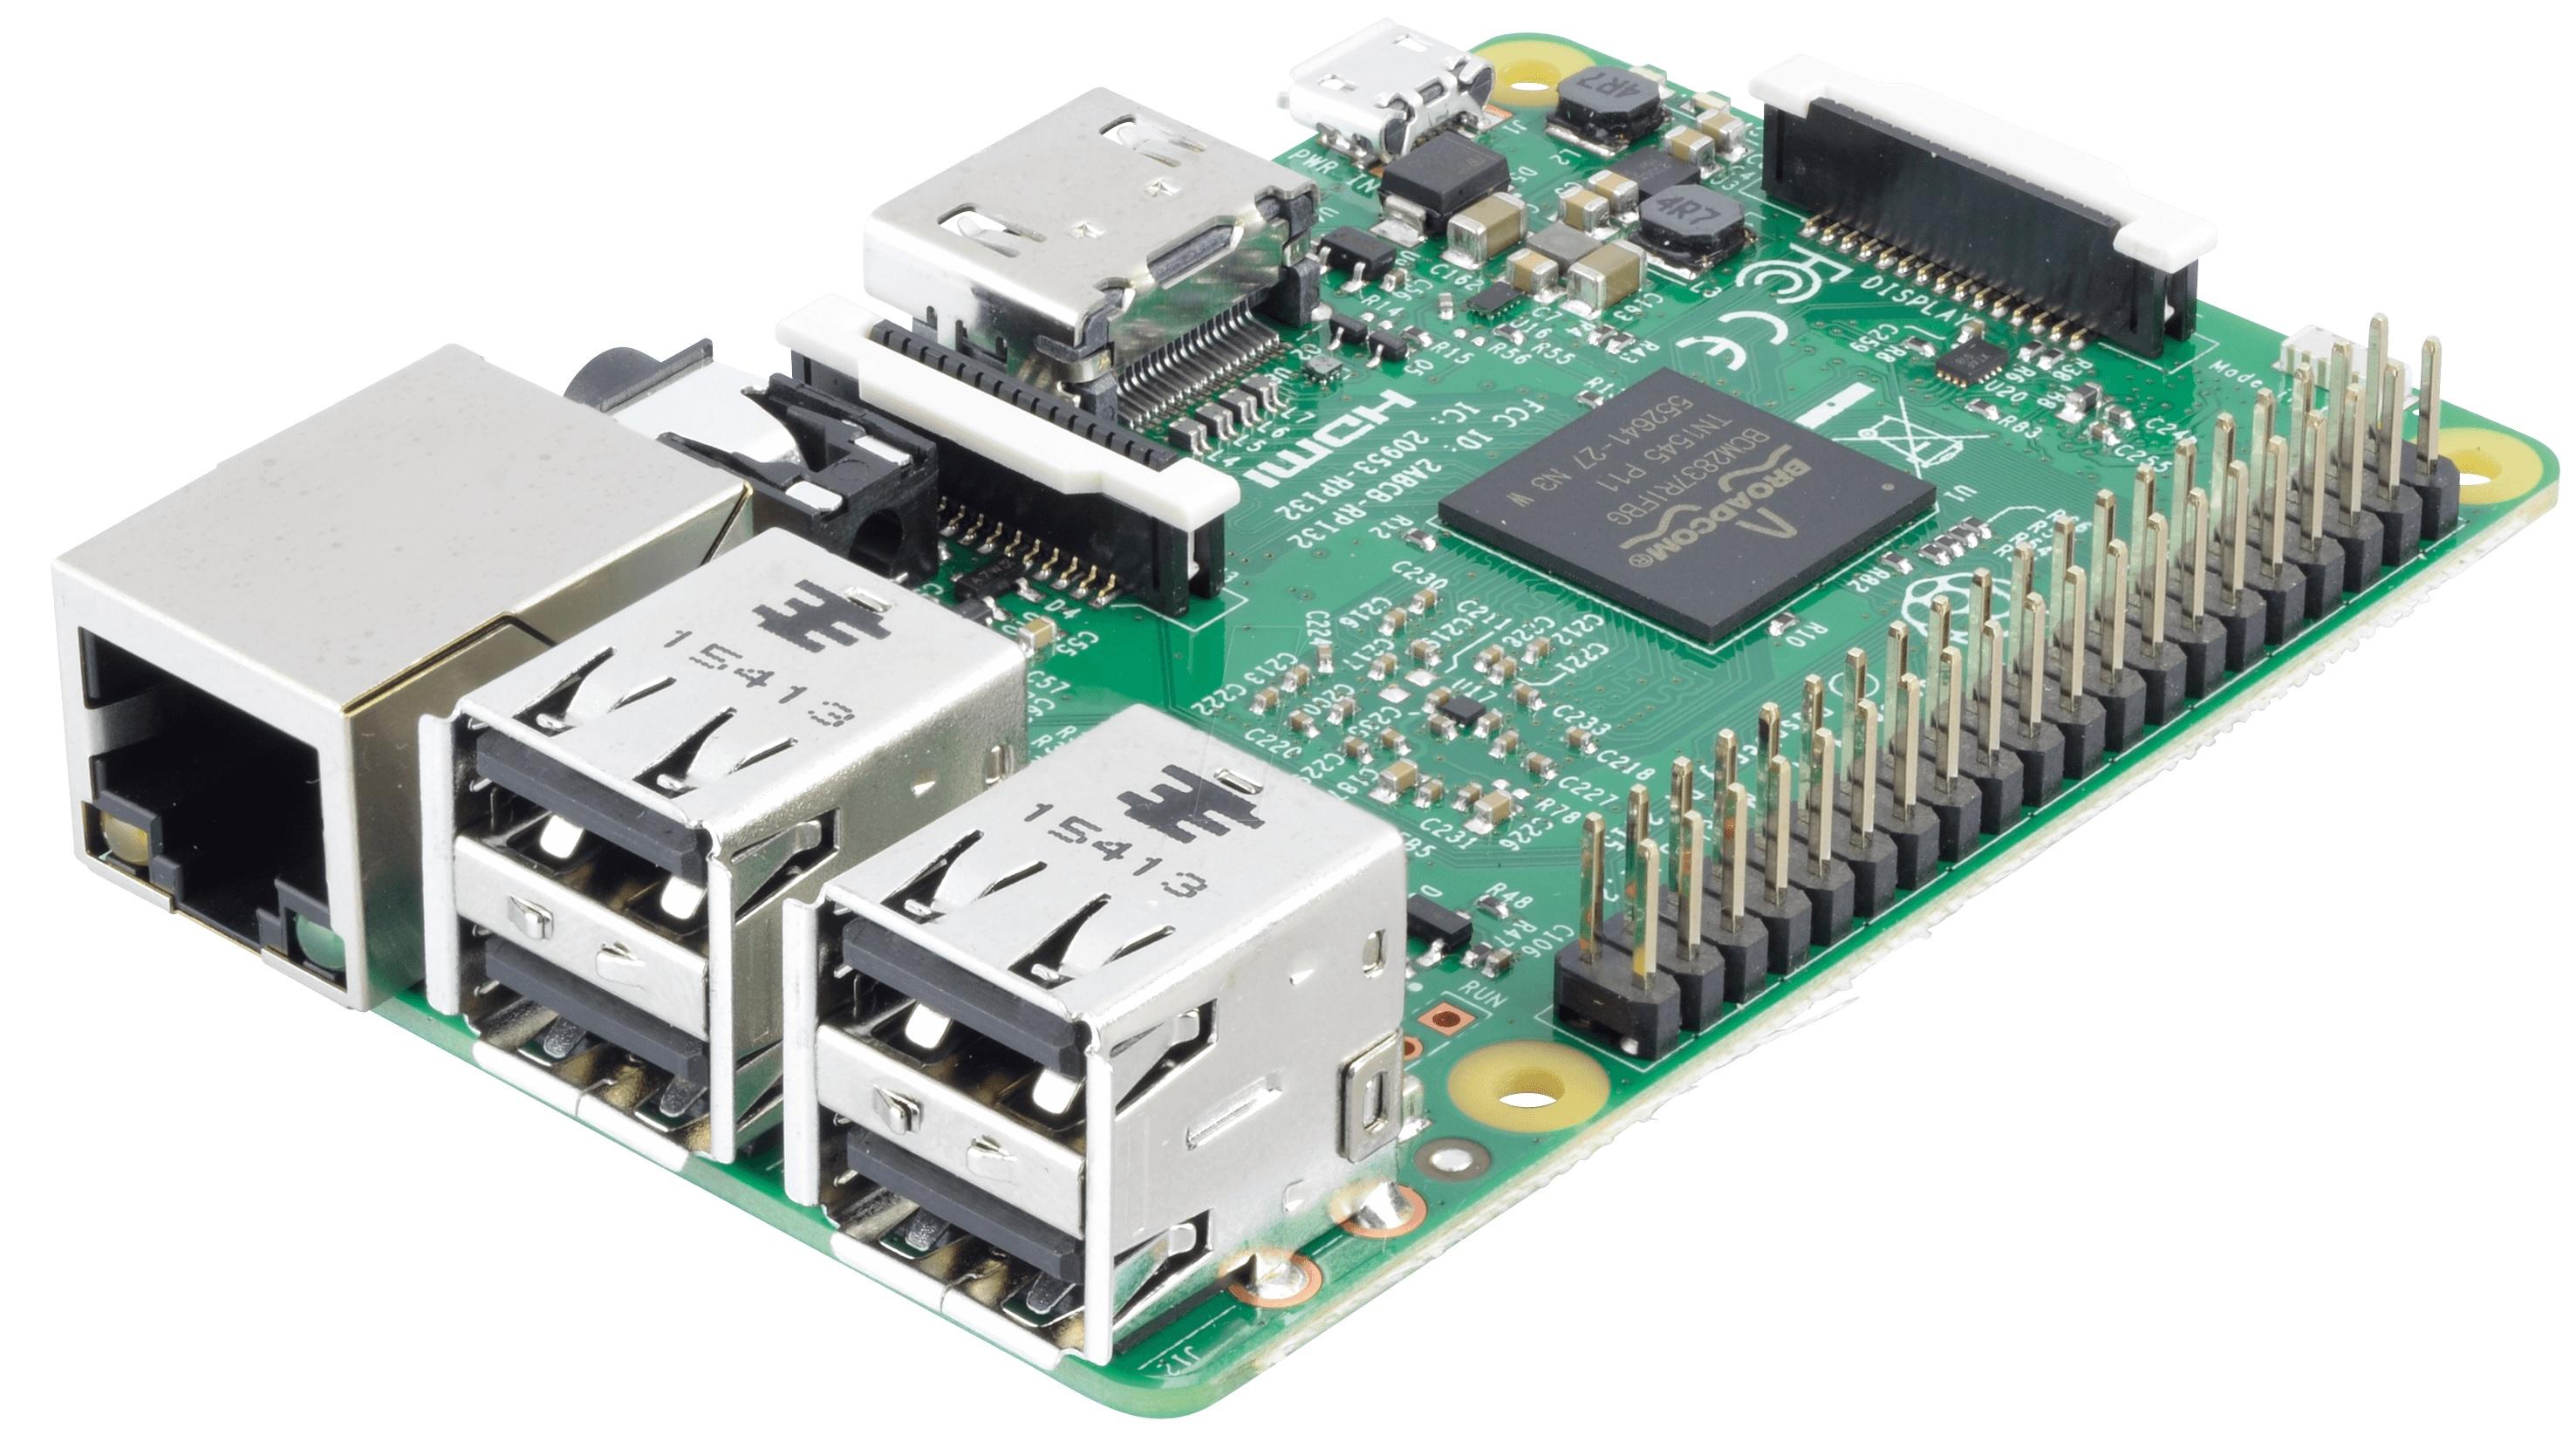 Картинки по запросу Raspberry Pi 3